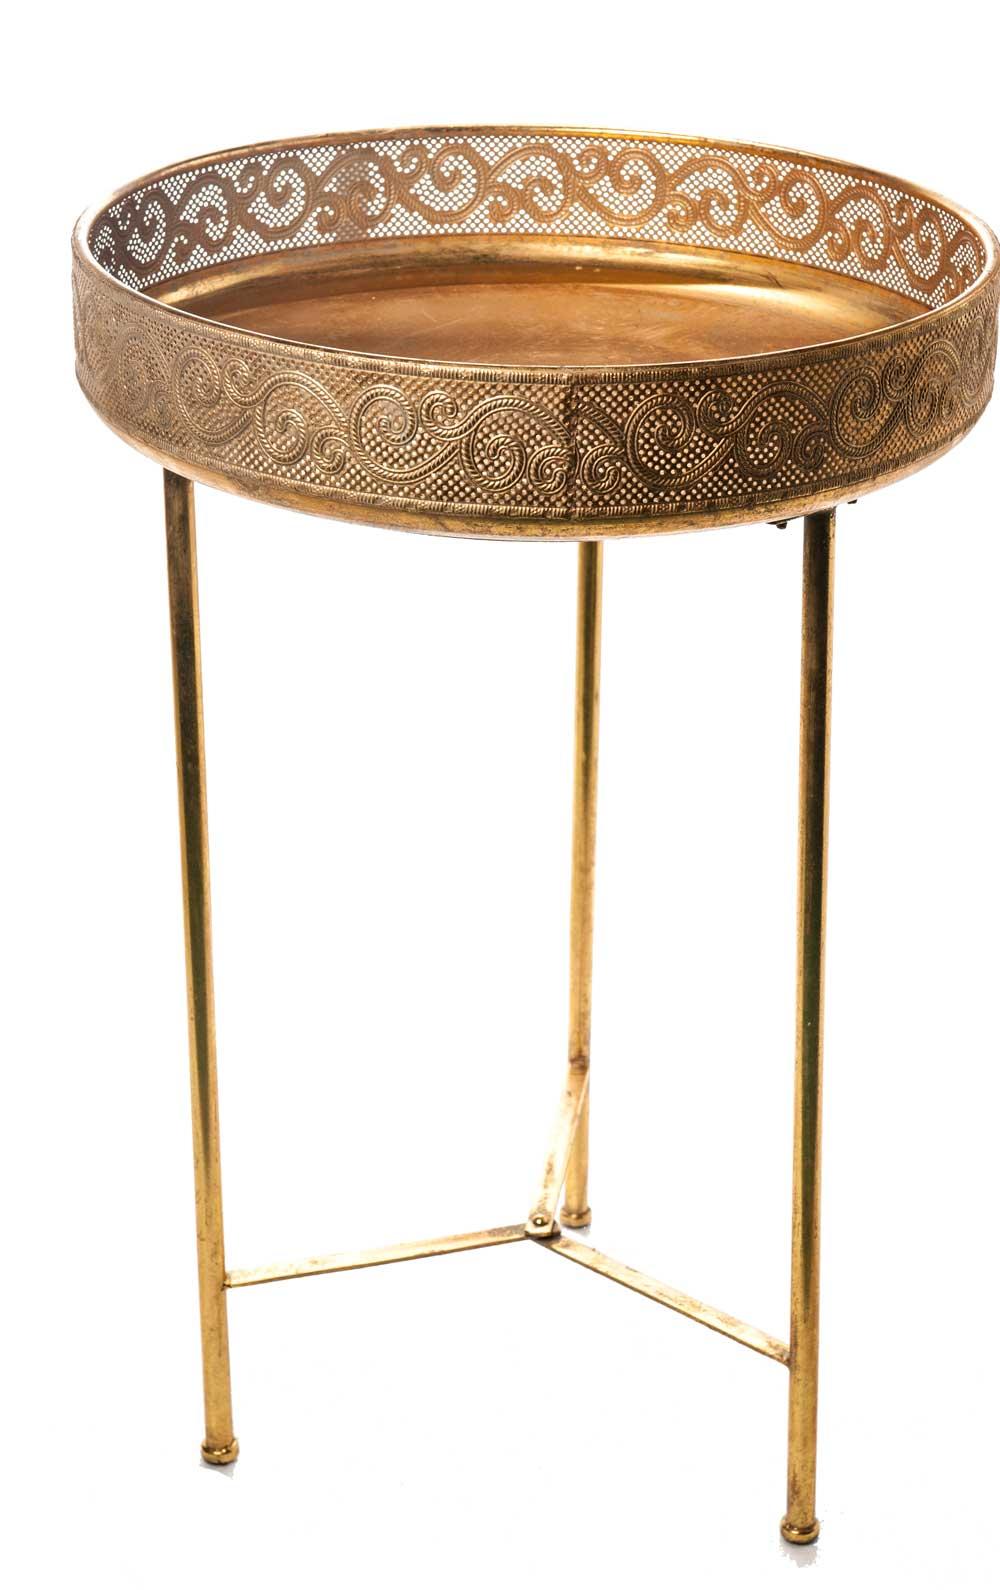 Tavolino Tre Piedi.Tavolino A Tre Piedi Porta Oggetti In Metallo A Oro